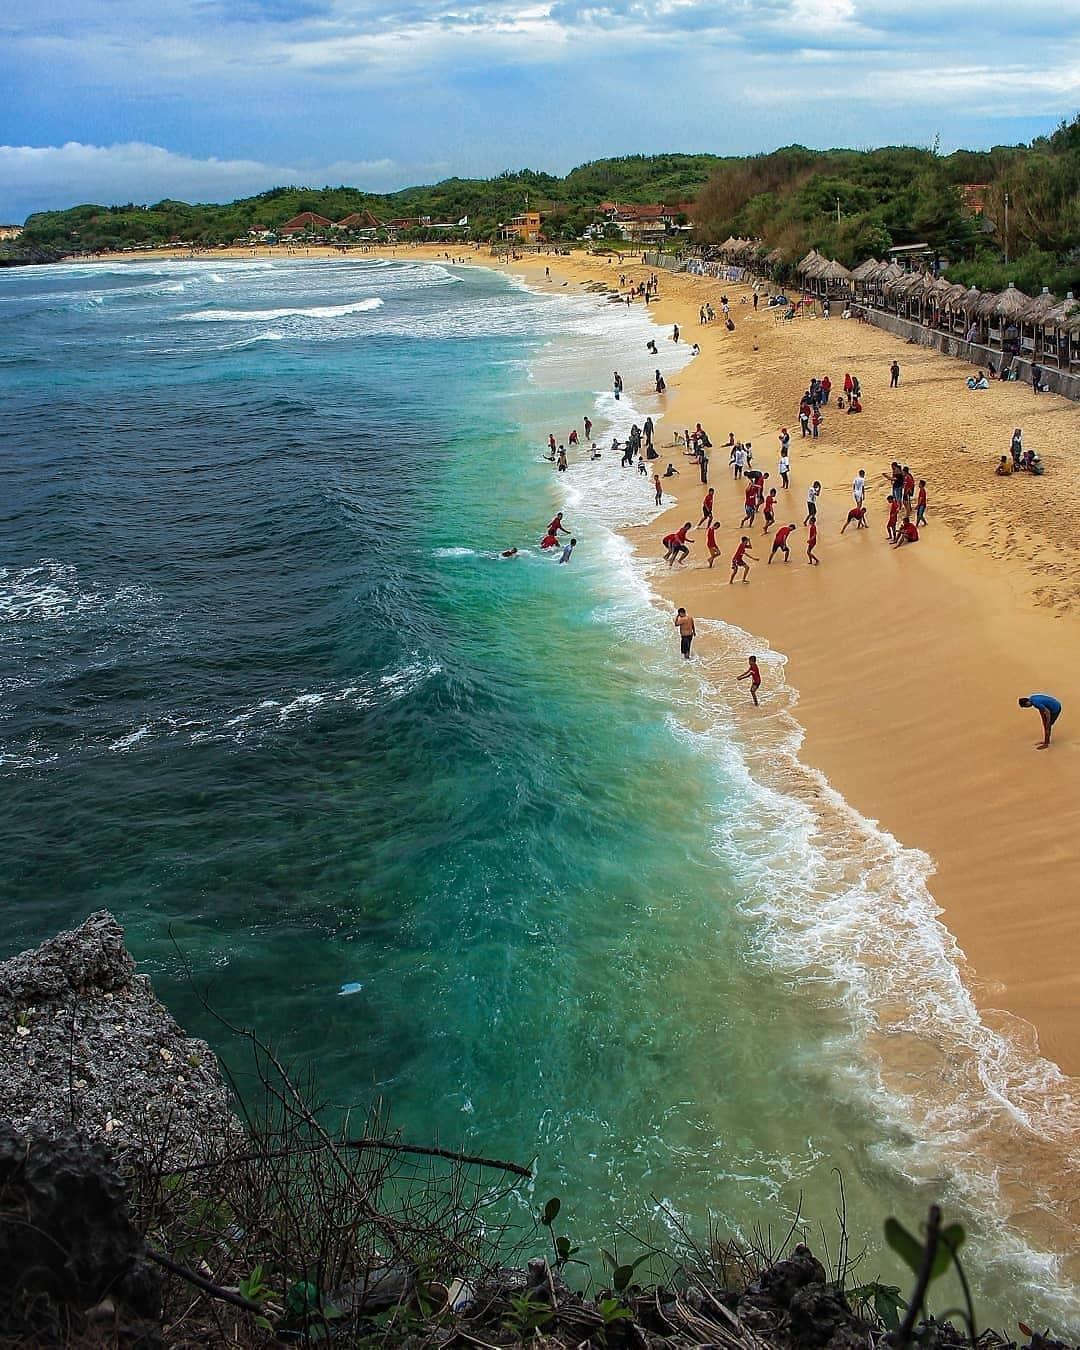 Harga Tiket Masuk dan Akses Ke Pantai Slili Gunung Kidul Jogja